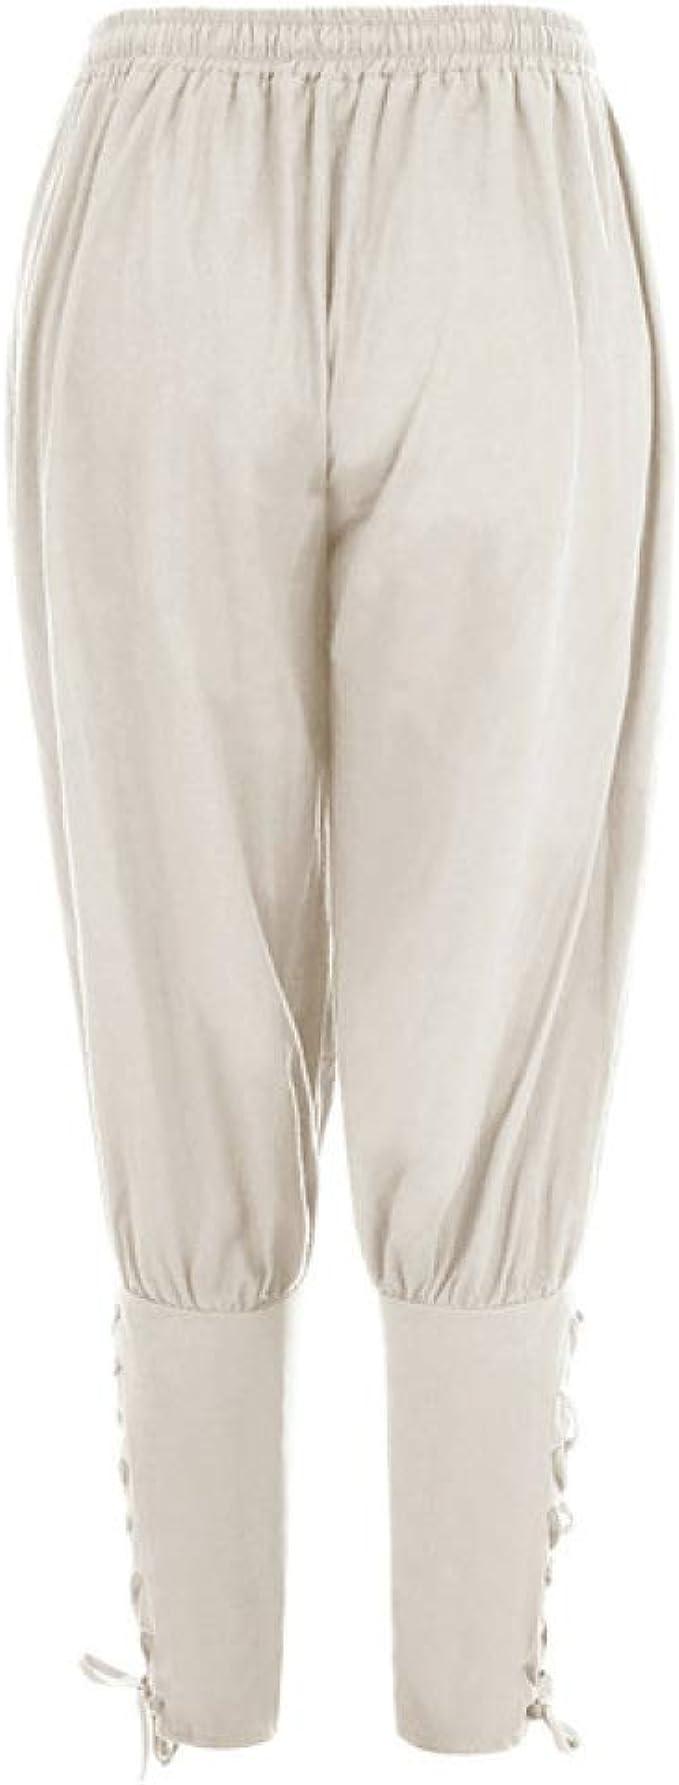 N A Pantalones De Lapiz Sueltos Casuales Para Hombre Edad Media Traje De Jinete Pirata Traje De Pierna Vendaje Traje Suelto Para Adulto Amazon Es Ropa Y Accesorios